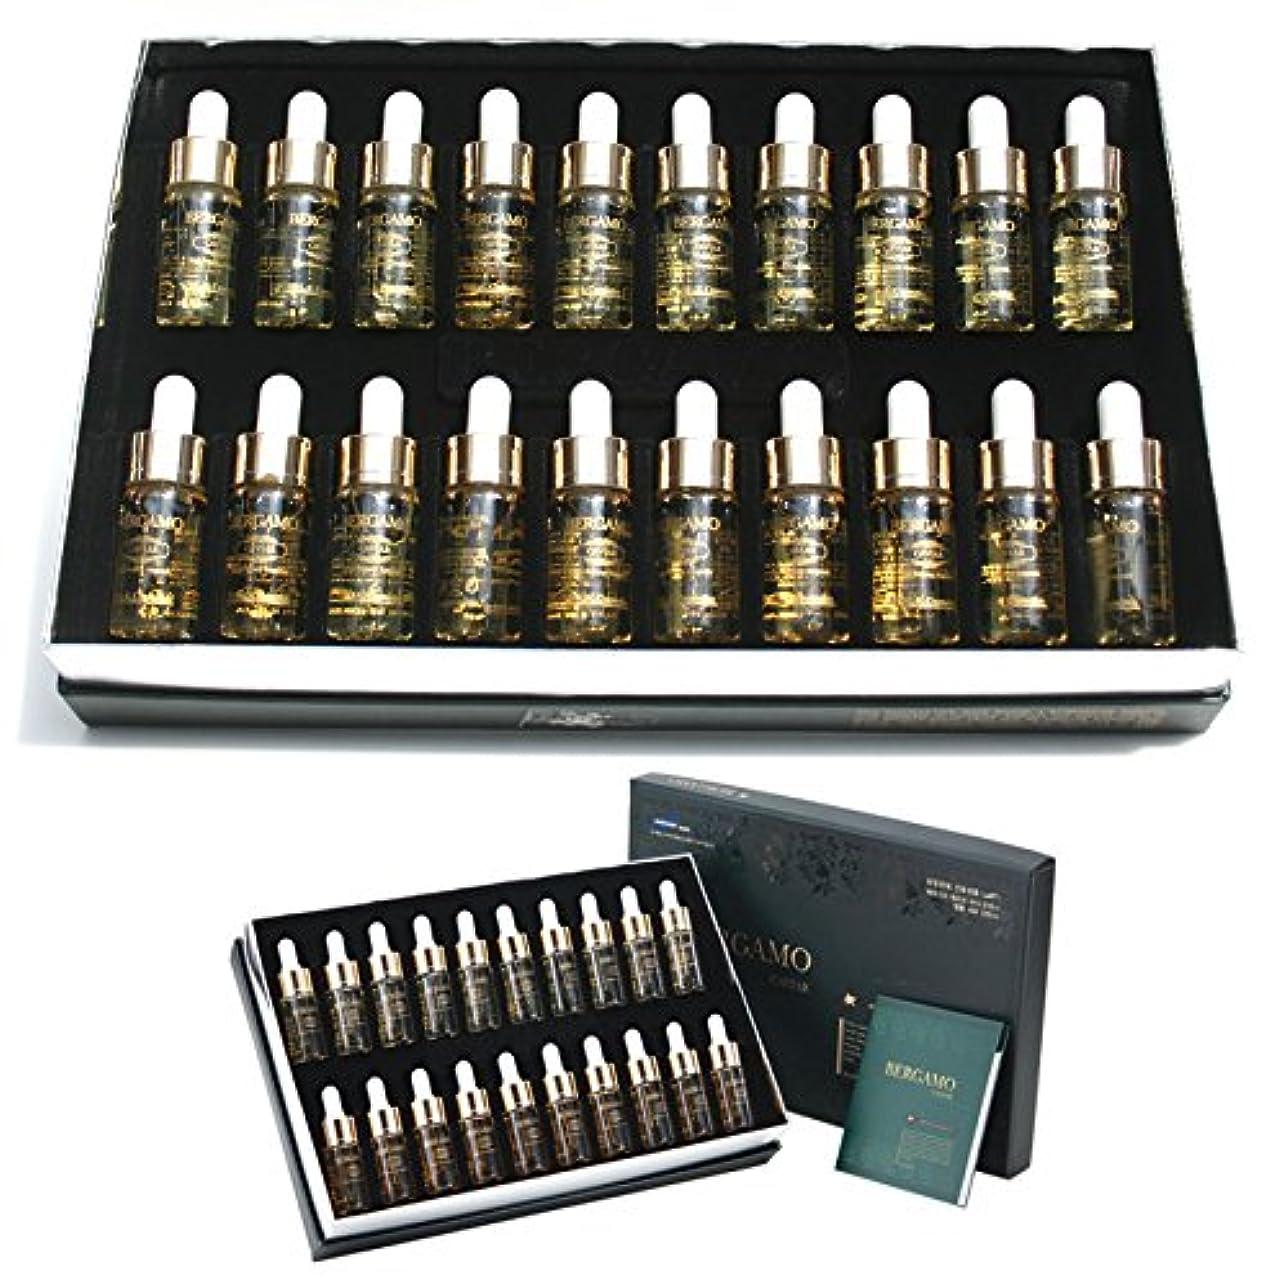 猛烈な七時半分析的[ベルガモ]Bergamo/キャビア高効力のビタミンアンプルセット13ml * 20ea/Caviar High Potency Vitamin Ampoule Set 13ml * 20ea/韓国化粧品/Korean...